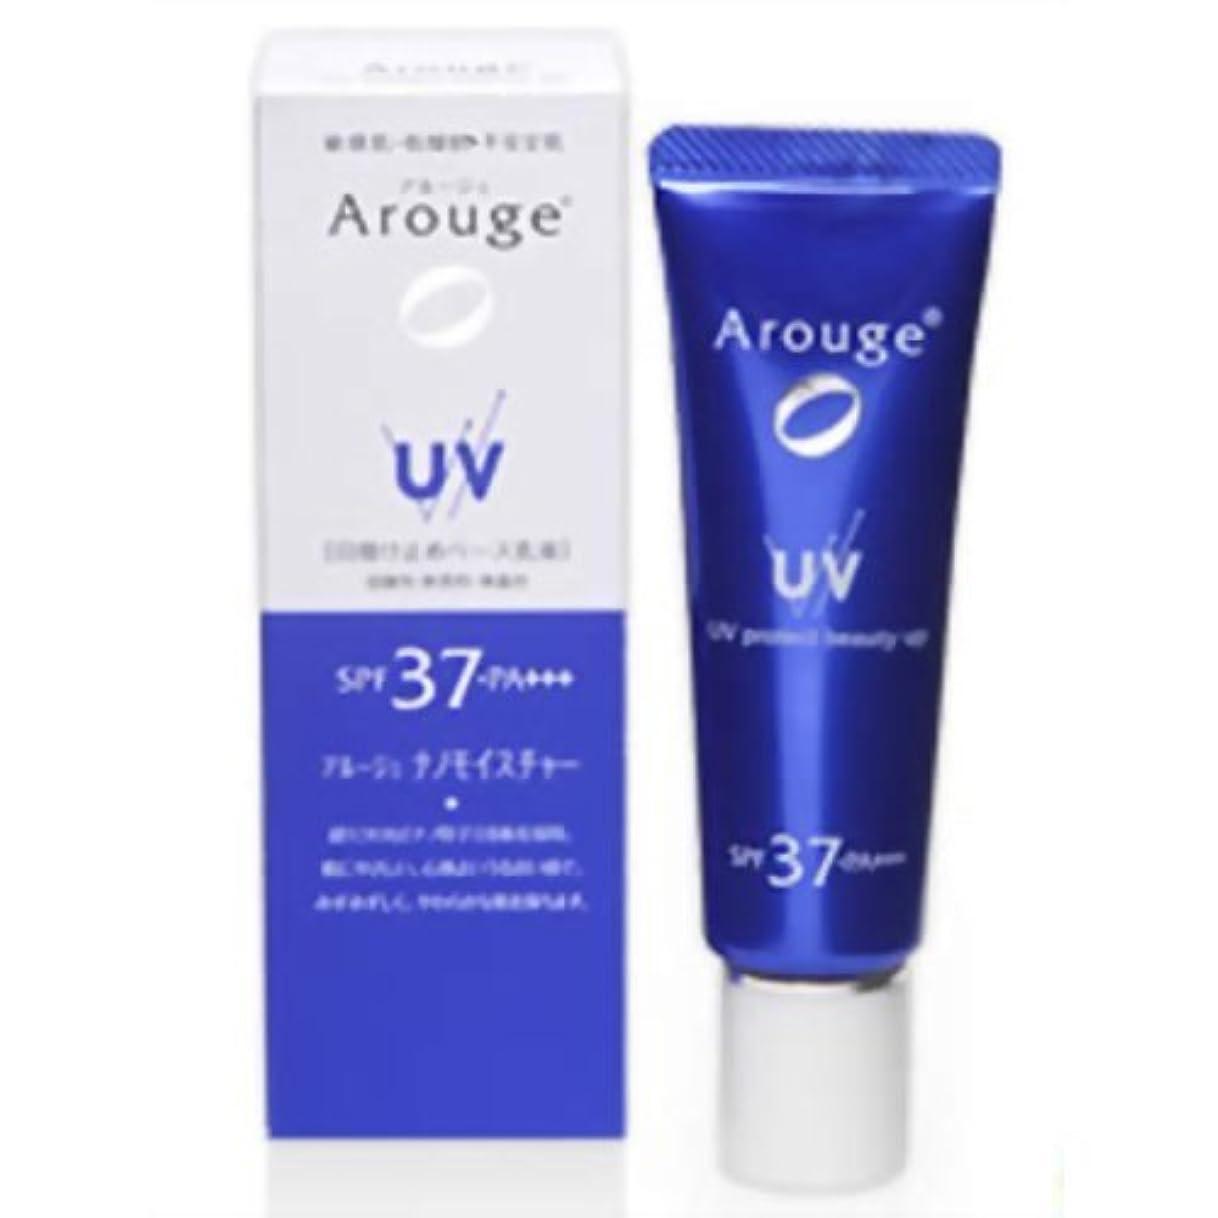 ミリメートルモディッシュアルージェ UVプロテクトビューティーアップ 25g